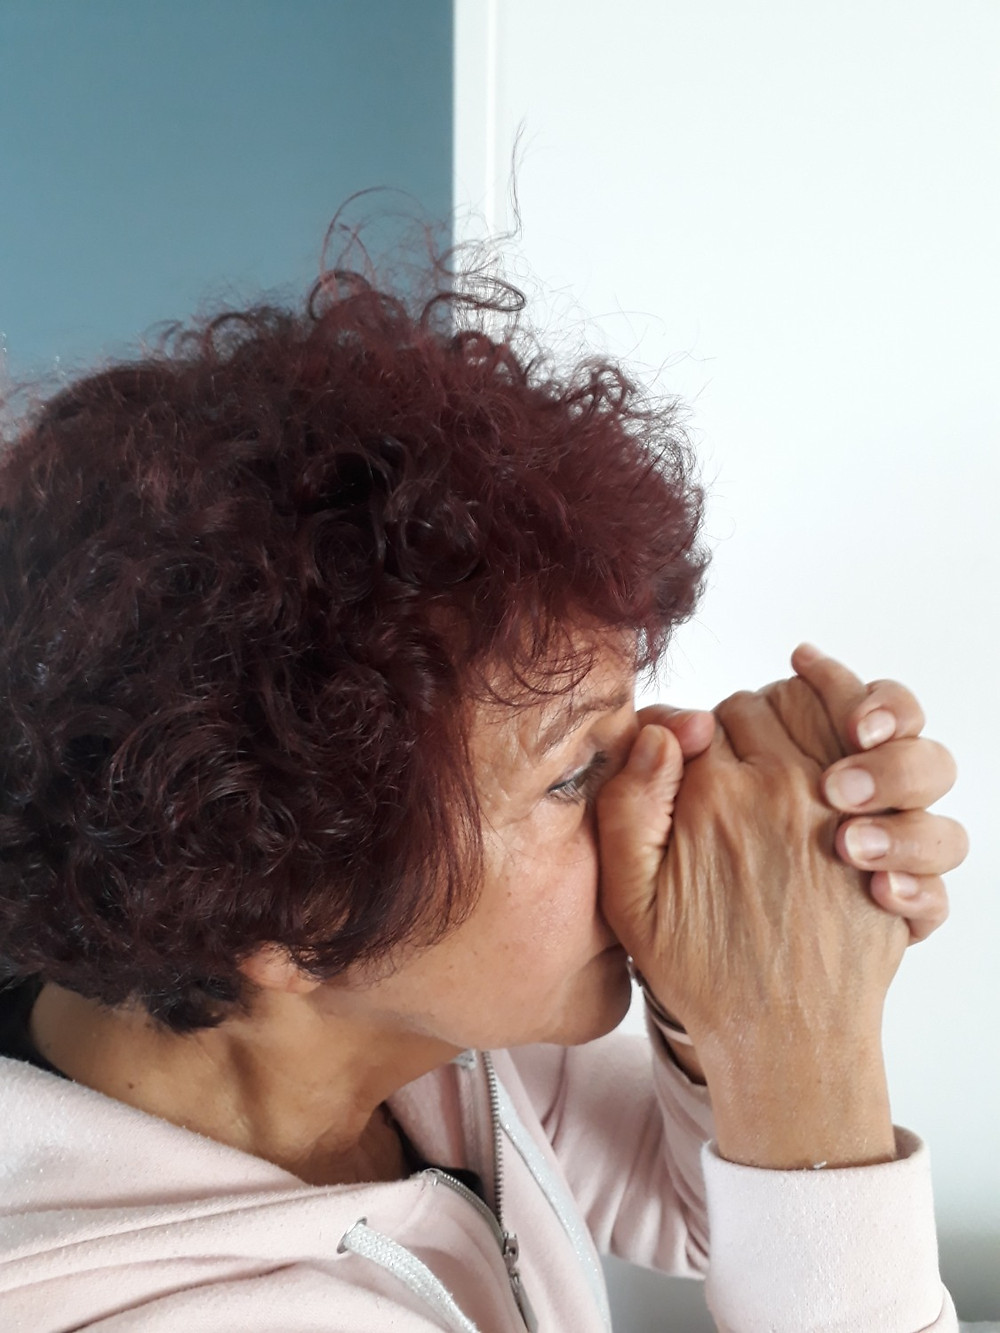 Démo inhalation sèche, respirer dans les mains jointes